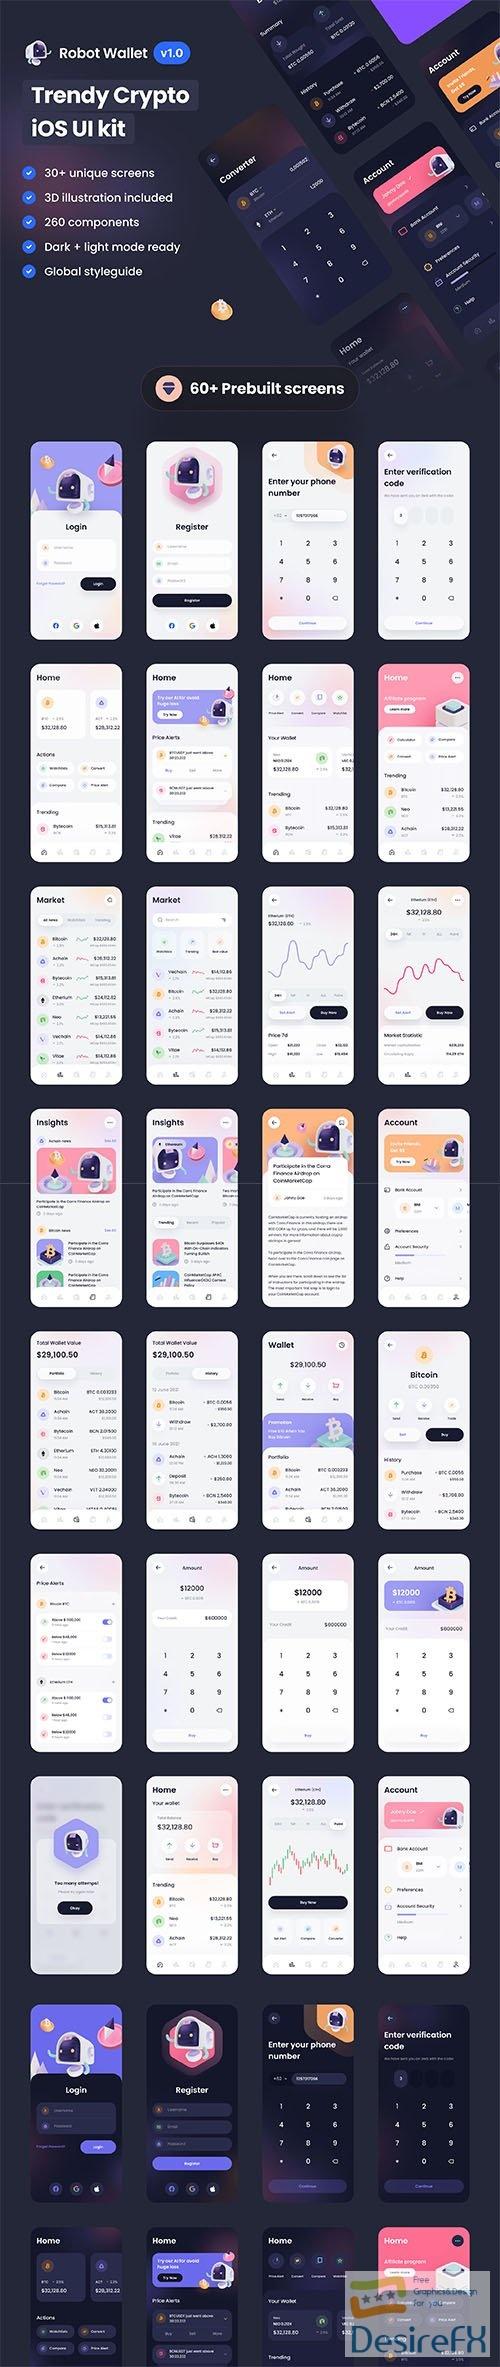 Robot Wallet – Crypto iOS UI Kit - UI8